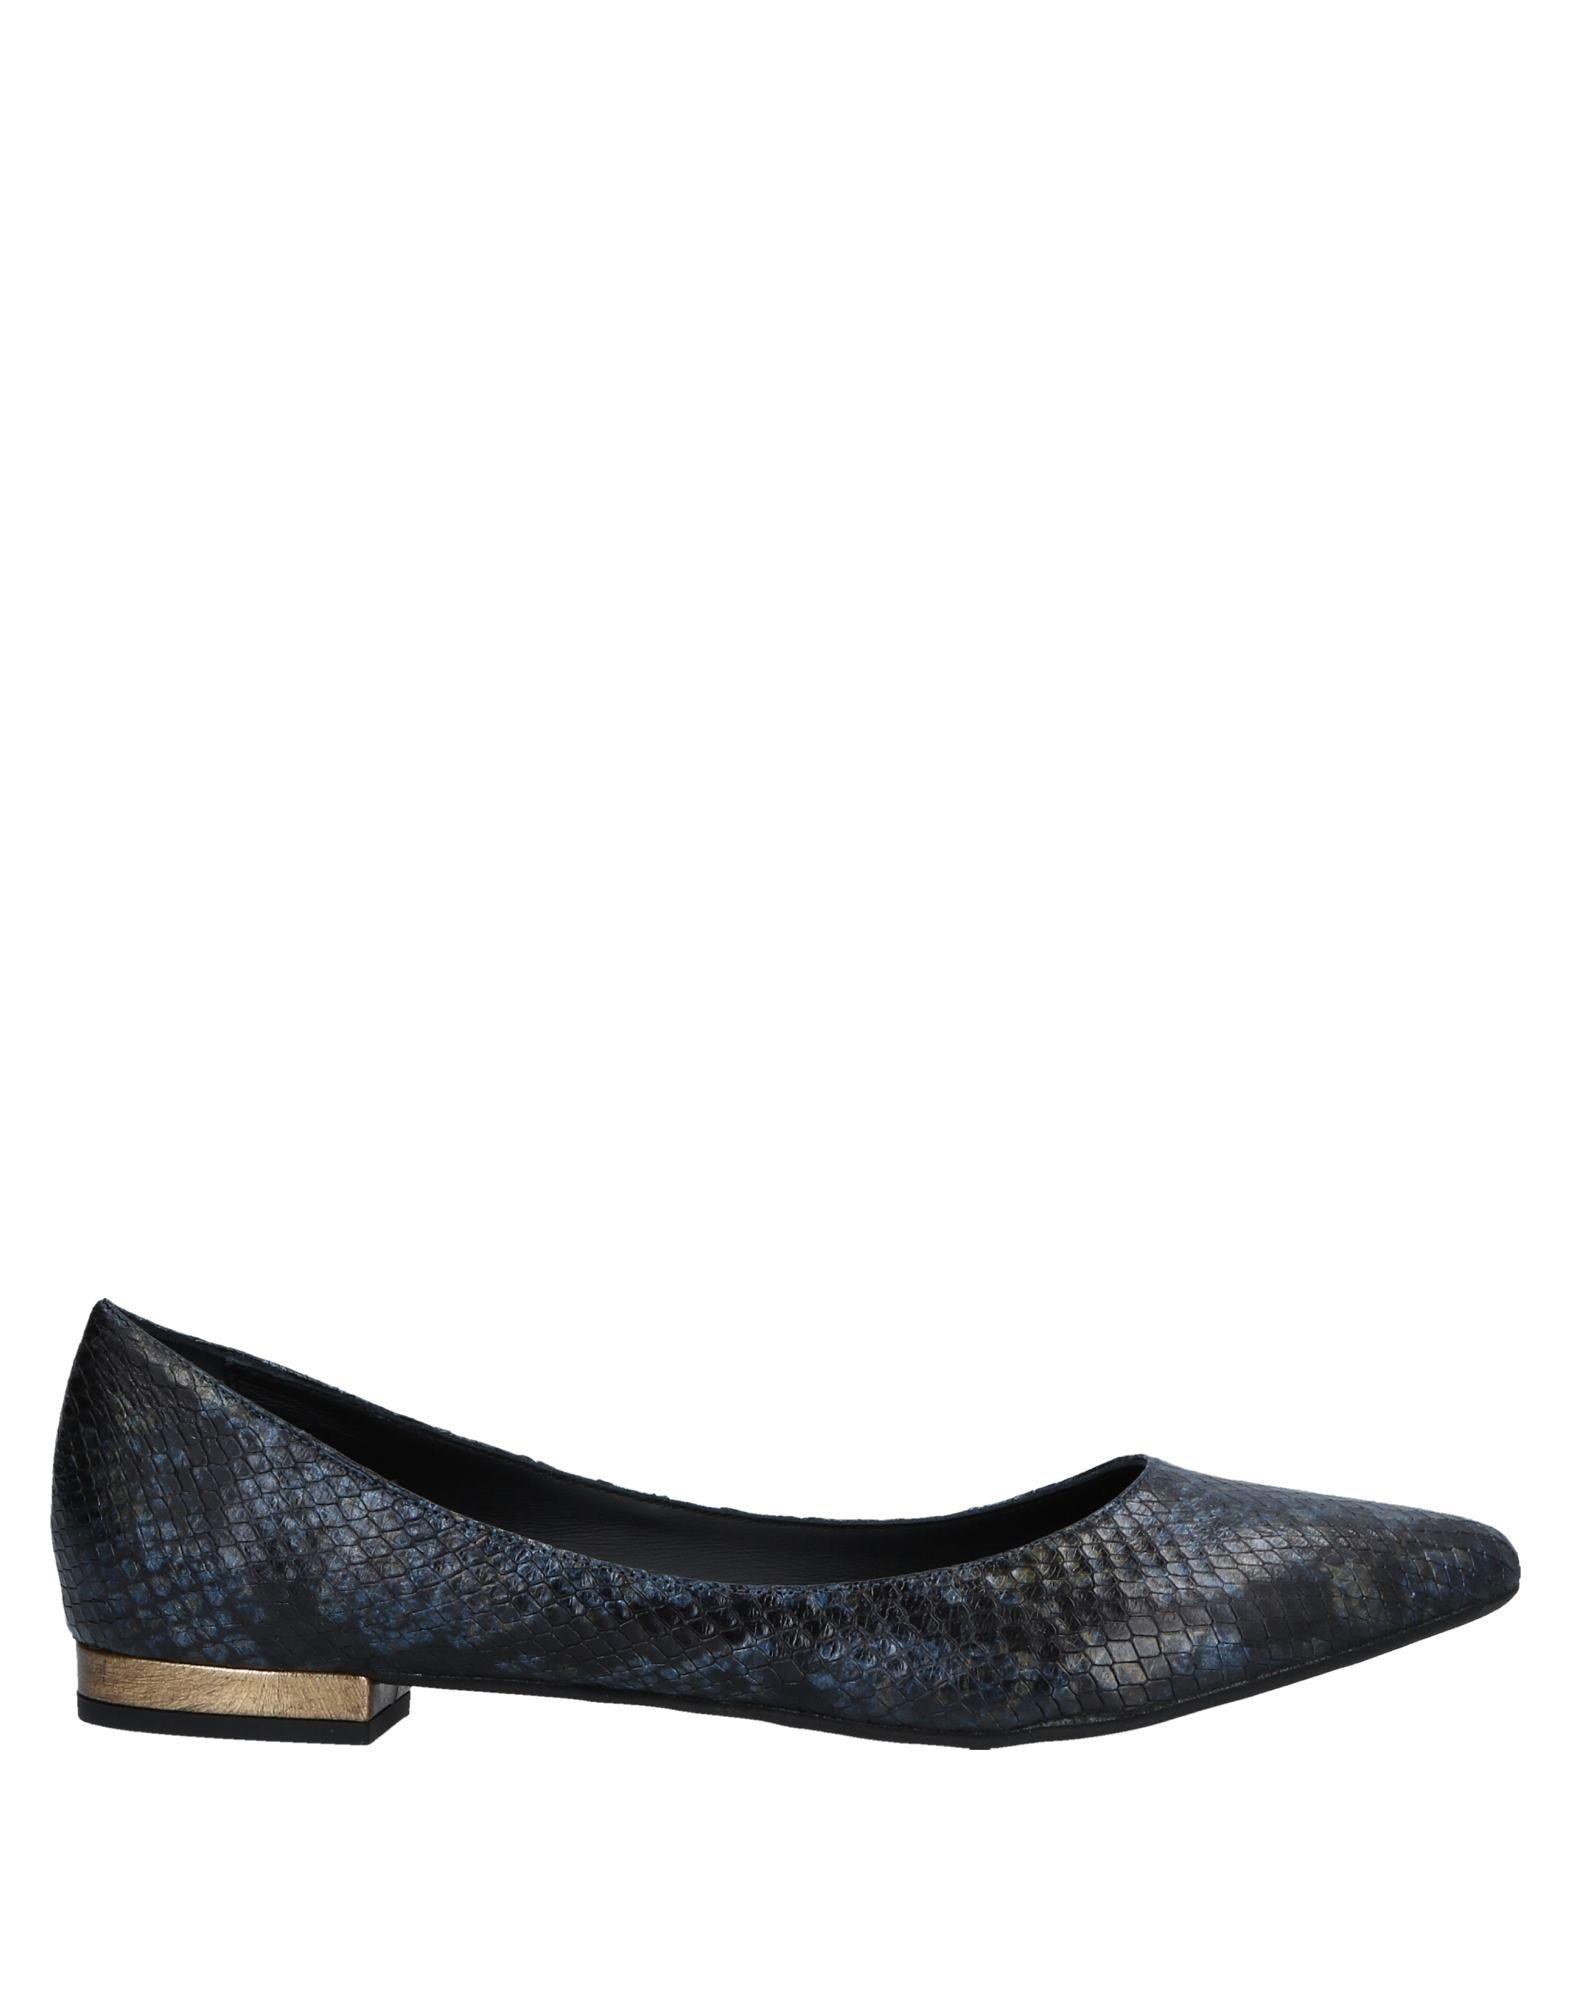 LOLO Ballet Flats in Slate Blue